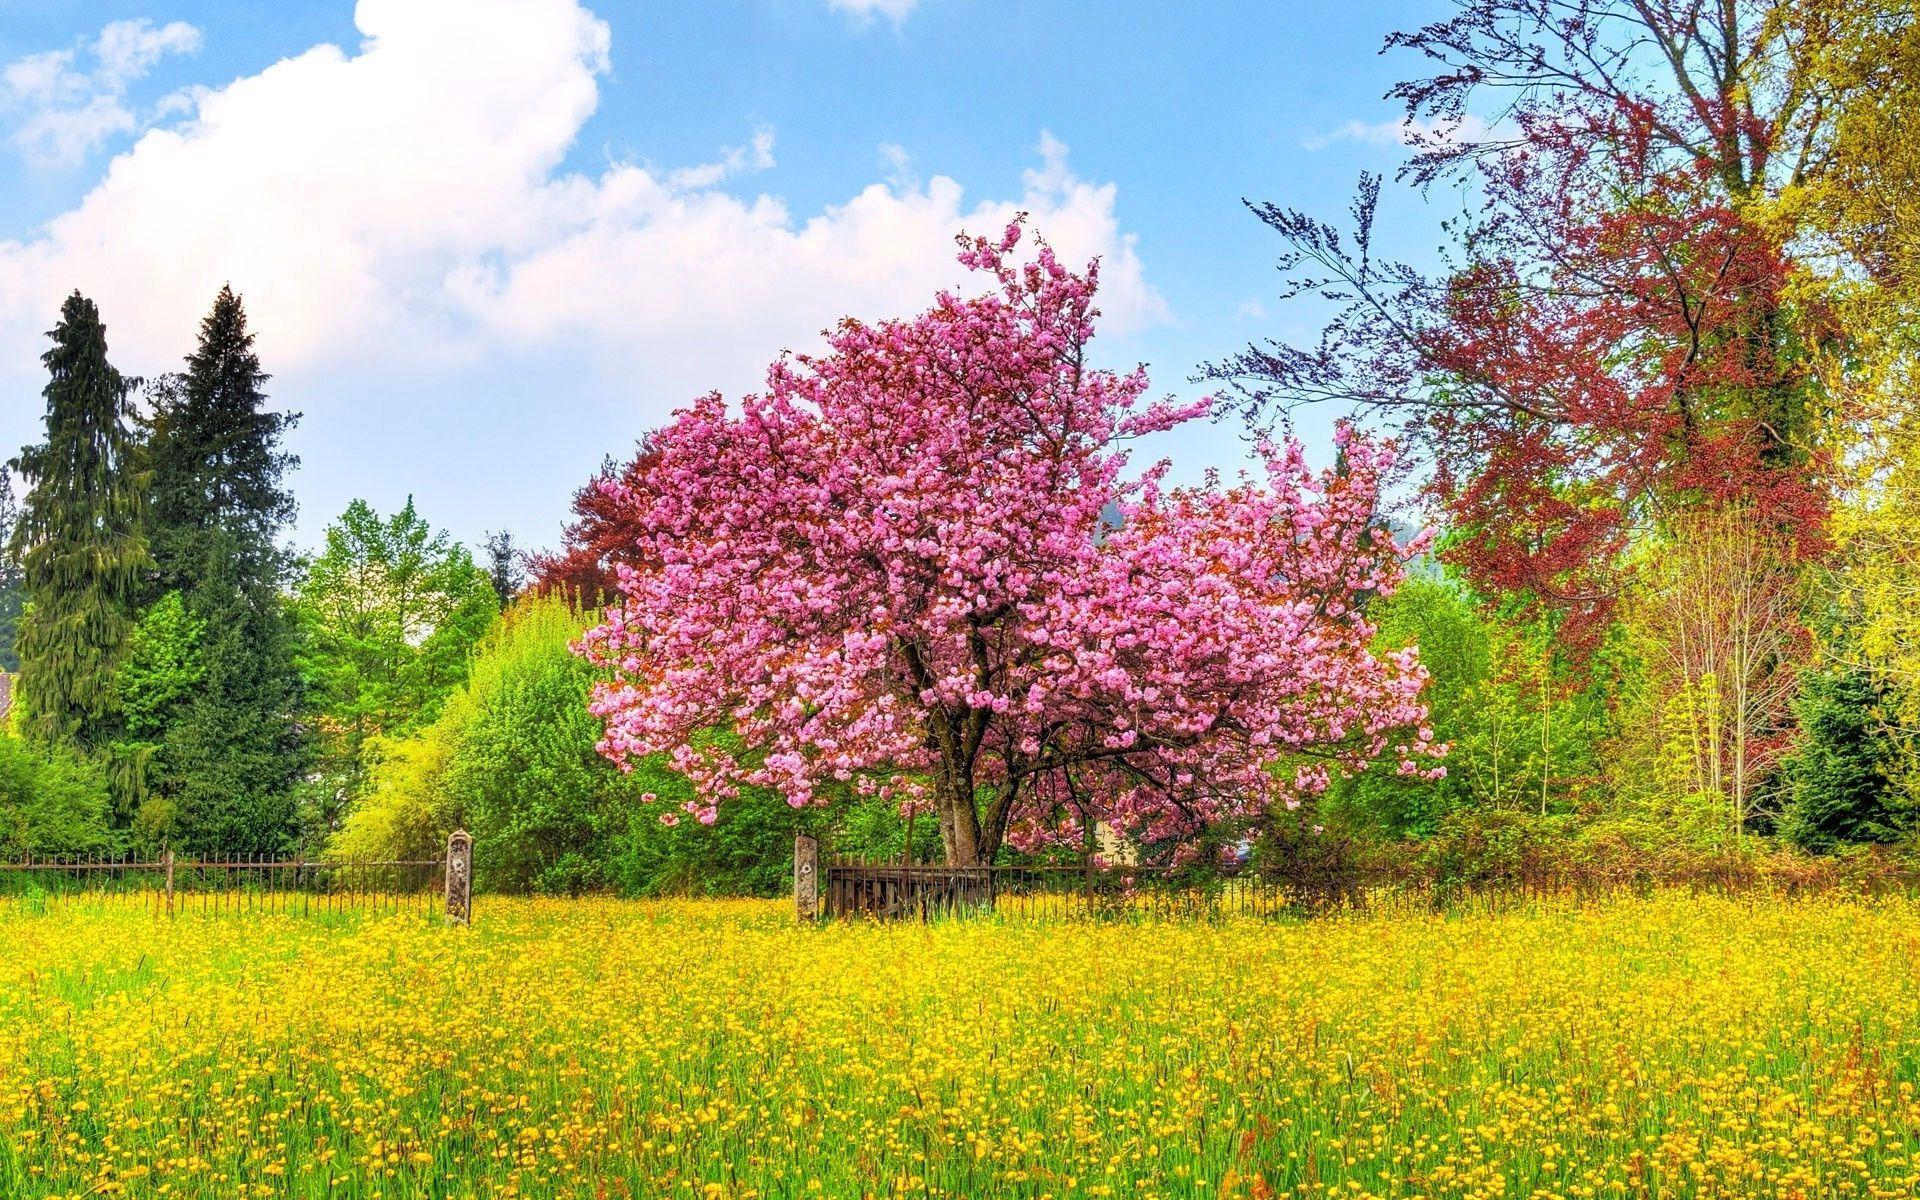 Arbre Automne Campagne Champ Ciel Cloture Couleurs Fleur Nuage Fond Ecran Nature Belle Nature Fond Ecran Paysage